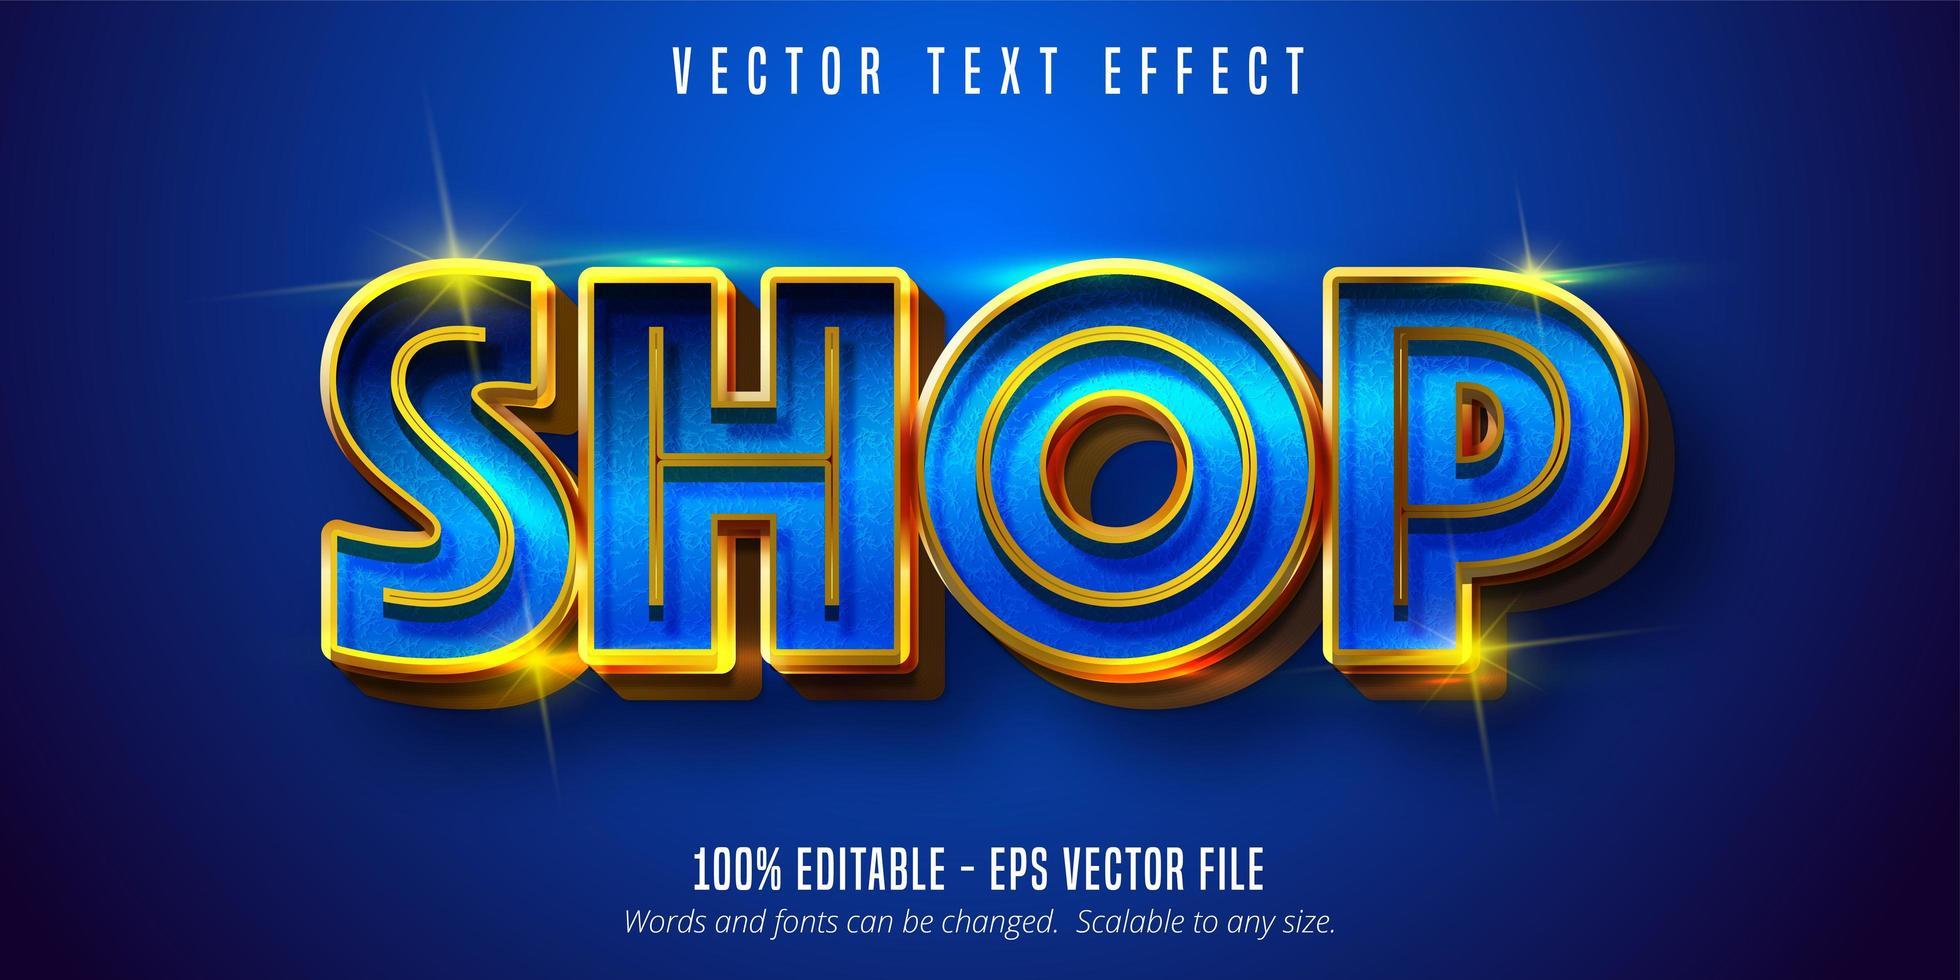 testo del negozio, effetto di testo blu e oro lucido vettore